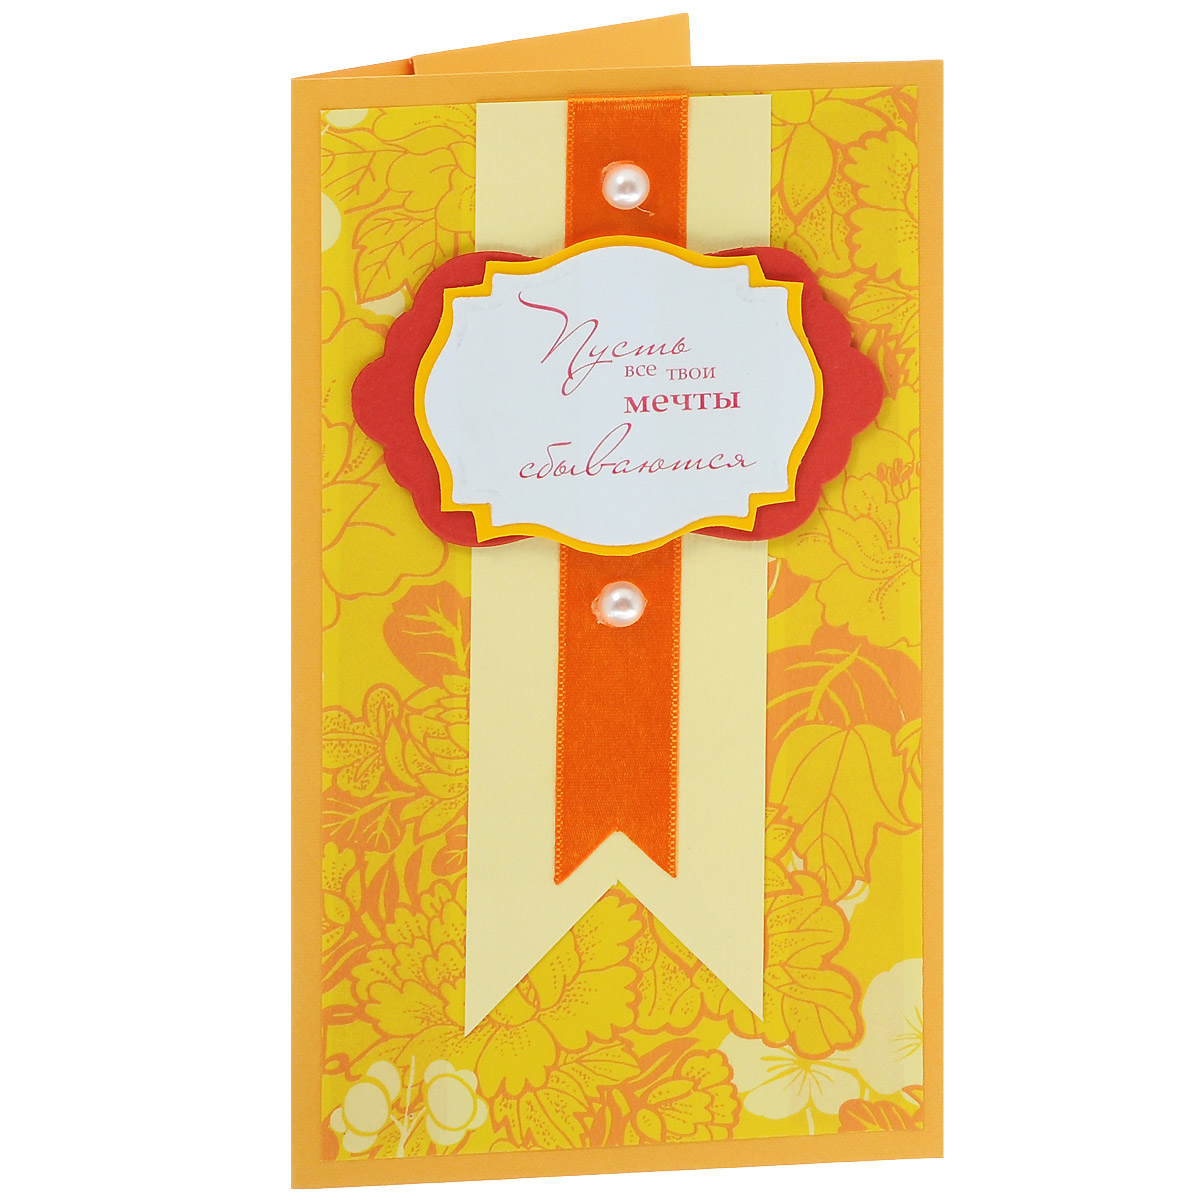 ОЖ-0007 Открытка-конверт «Пусть все твои мечты сбываются» (желтая). Студия «Тётя Роза» ою 0002 открытка конверт с юбилеем студия тётя роза